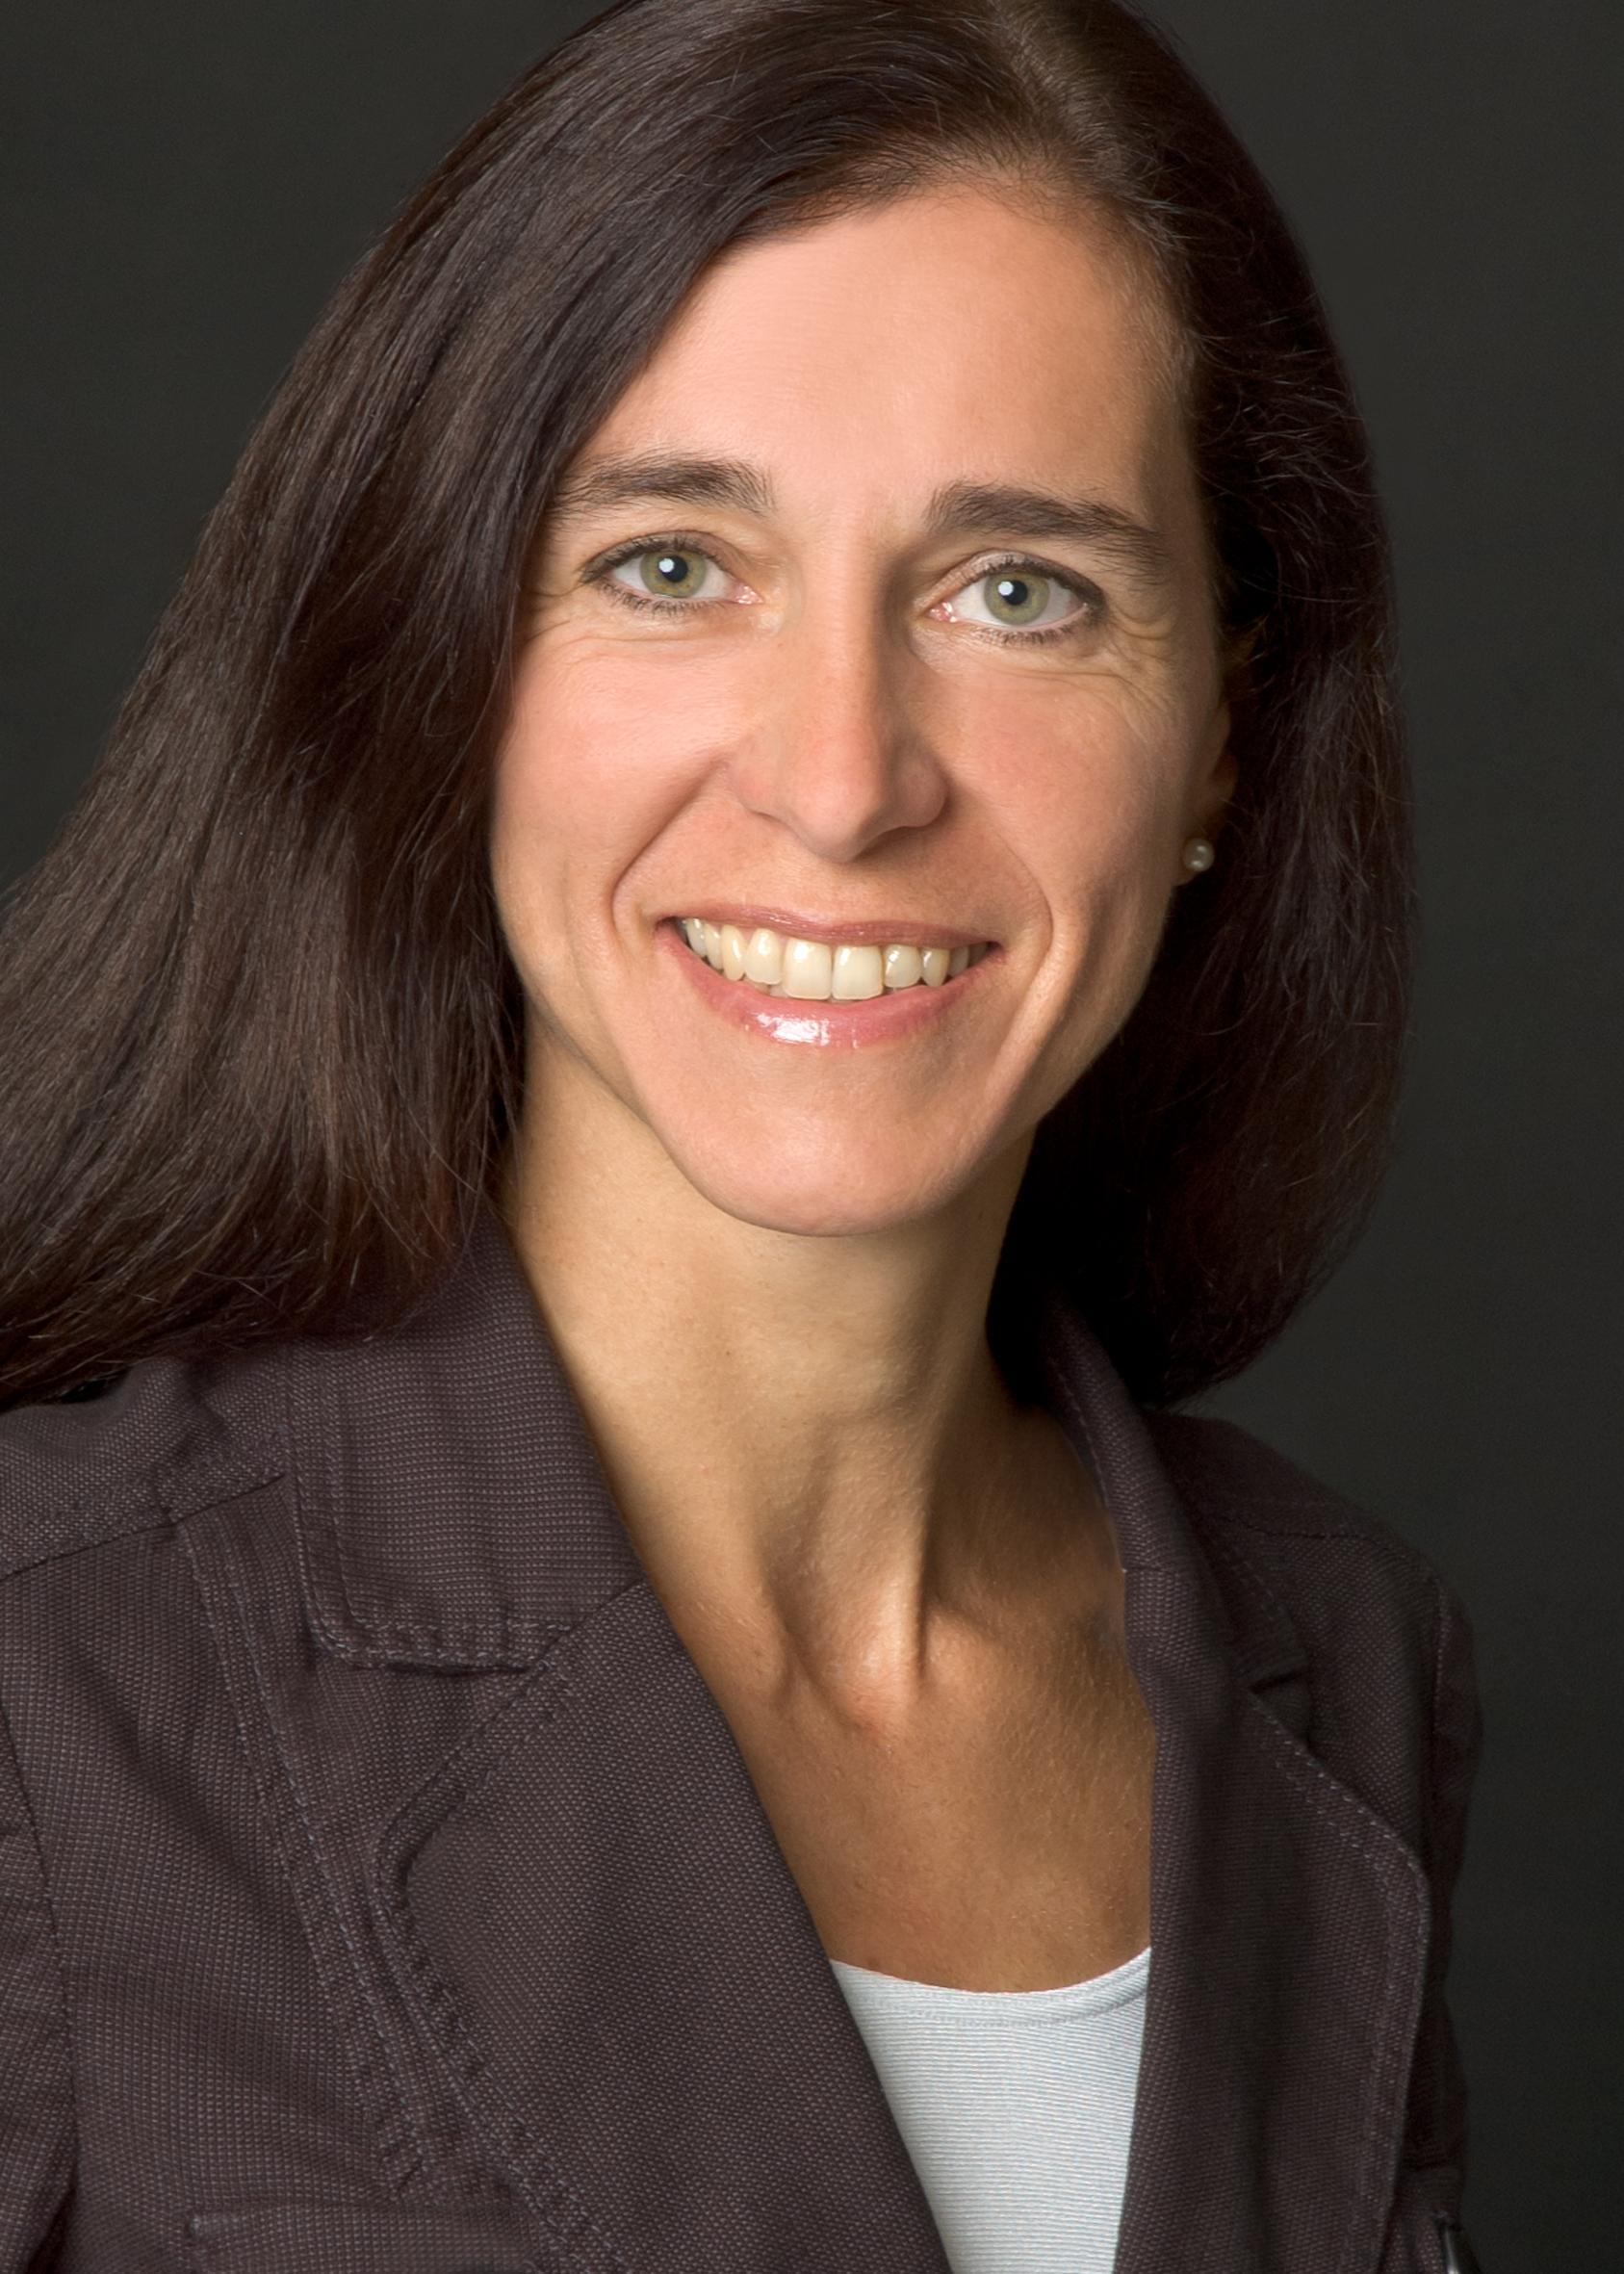 Mag.a Isabella Sperlich-Moser